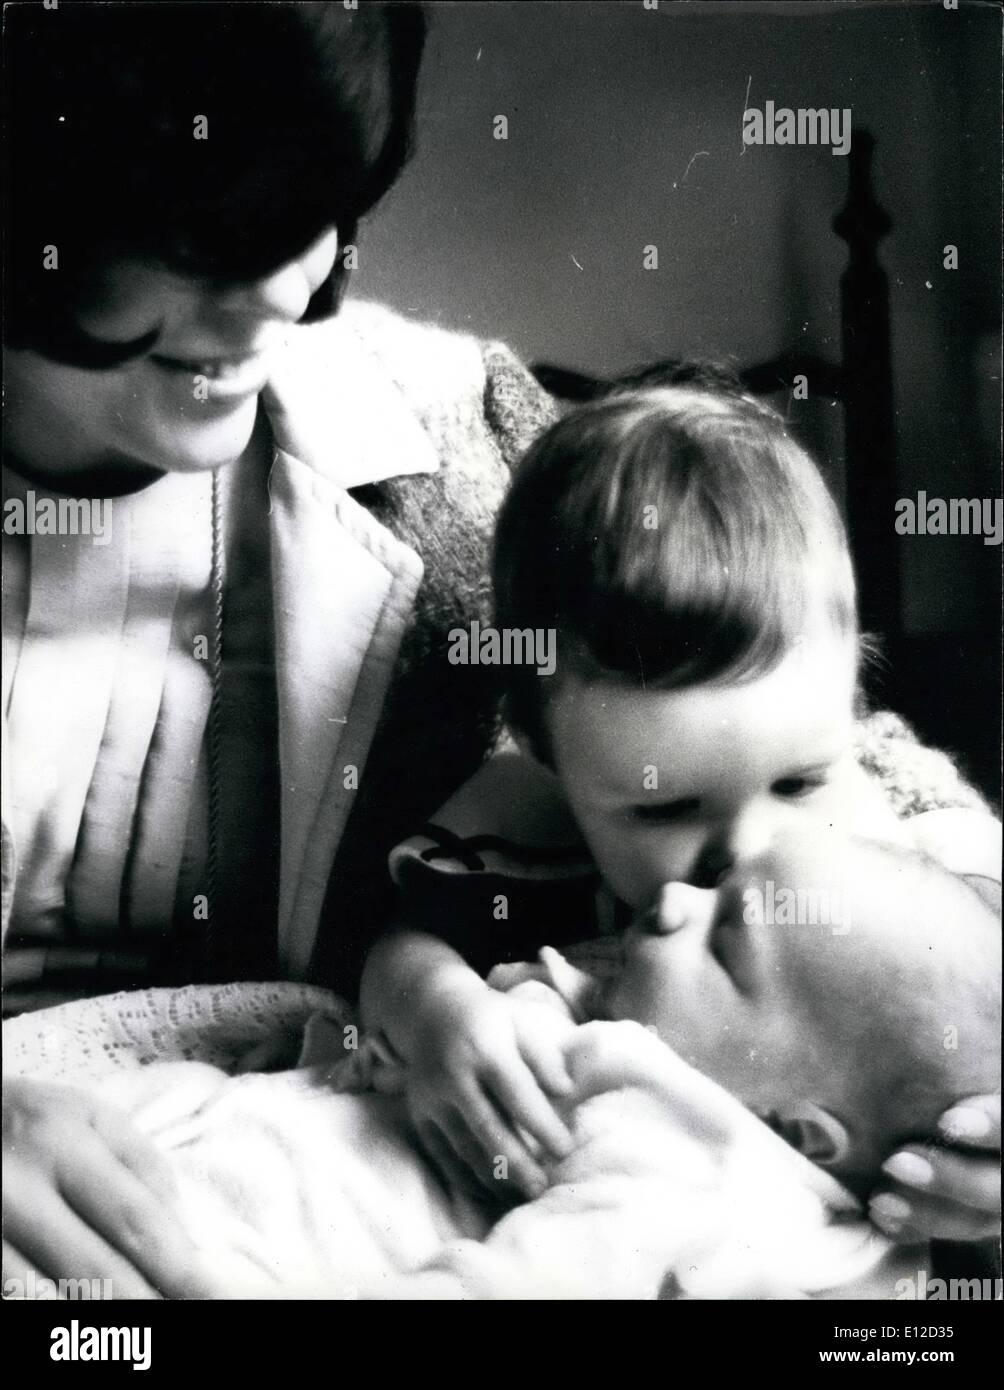 El 19 de diciembre, 2011 - Joan Collins con la hija y el nuevo bebé en Nueva York Joan Collins tuvo que ir a Hollywood para ser piezas dada su oscura, clamaba por la belleza sensual, actualmente está viviendo la vida de una esposa y madre de Nueva York. Se casó con Anthony Newley-que figuran actualmente en su propio musical El rugido del Greasepaint y el olor de la muchedumbre que fracasó en Londres y resultó un éxito rotundo en Nueva York-Joan ahora es la orgullosa madre de una niña y un niño: Tara, de dos años y seis semanas de edad llamado Sasha Alexander, para abreviar. Imagen De Stock